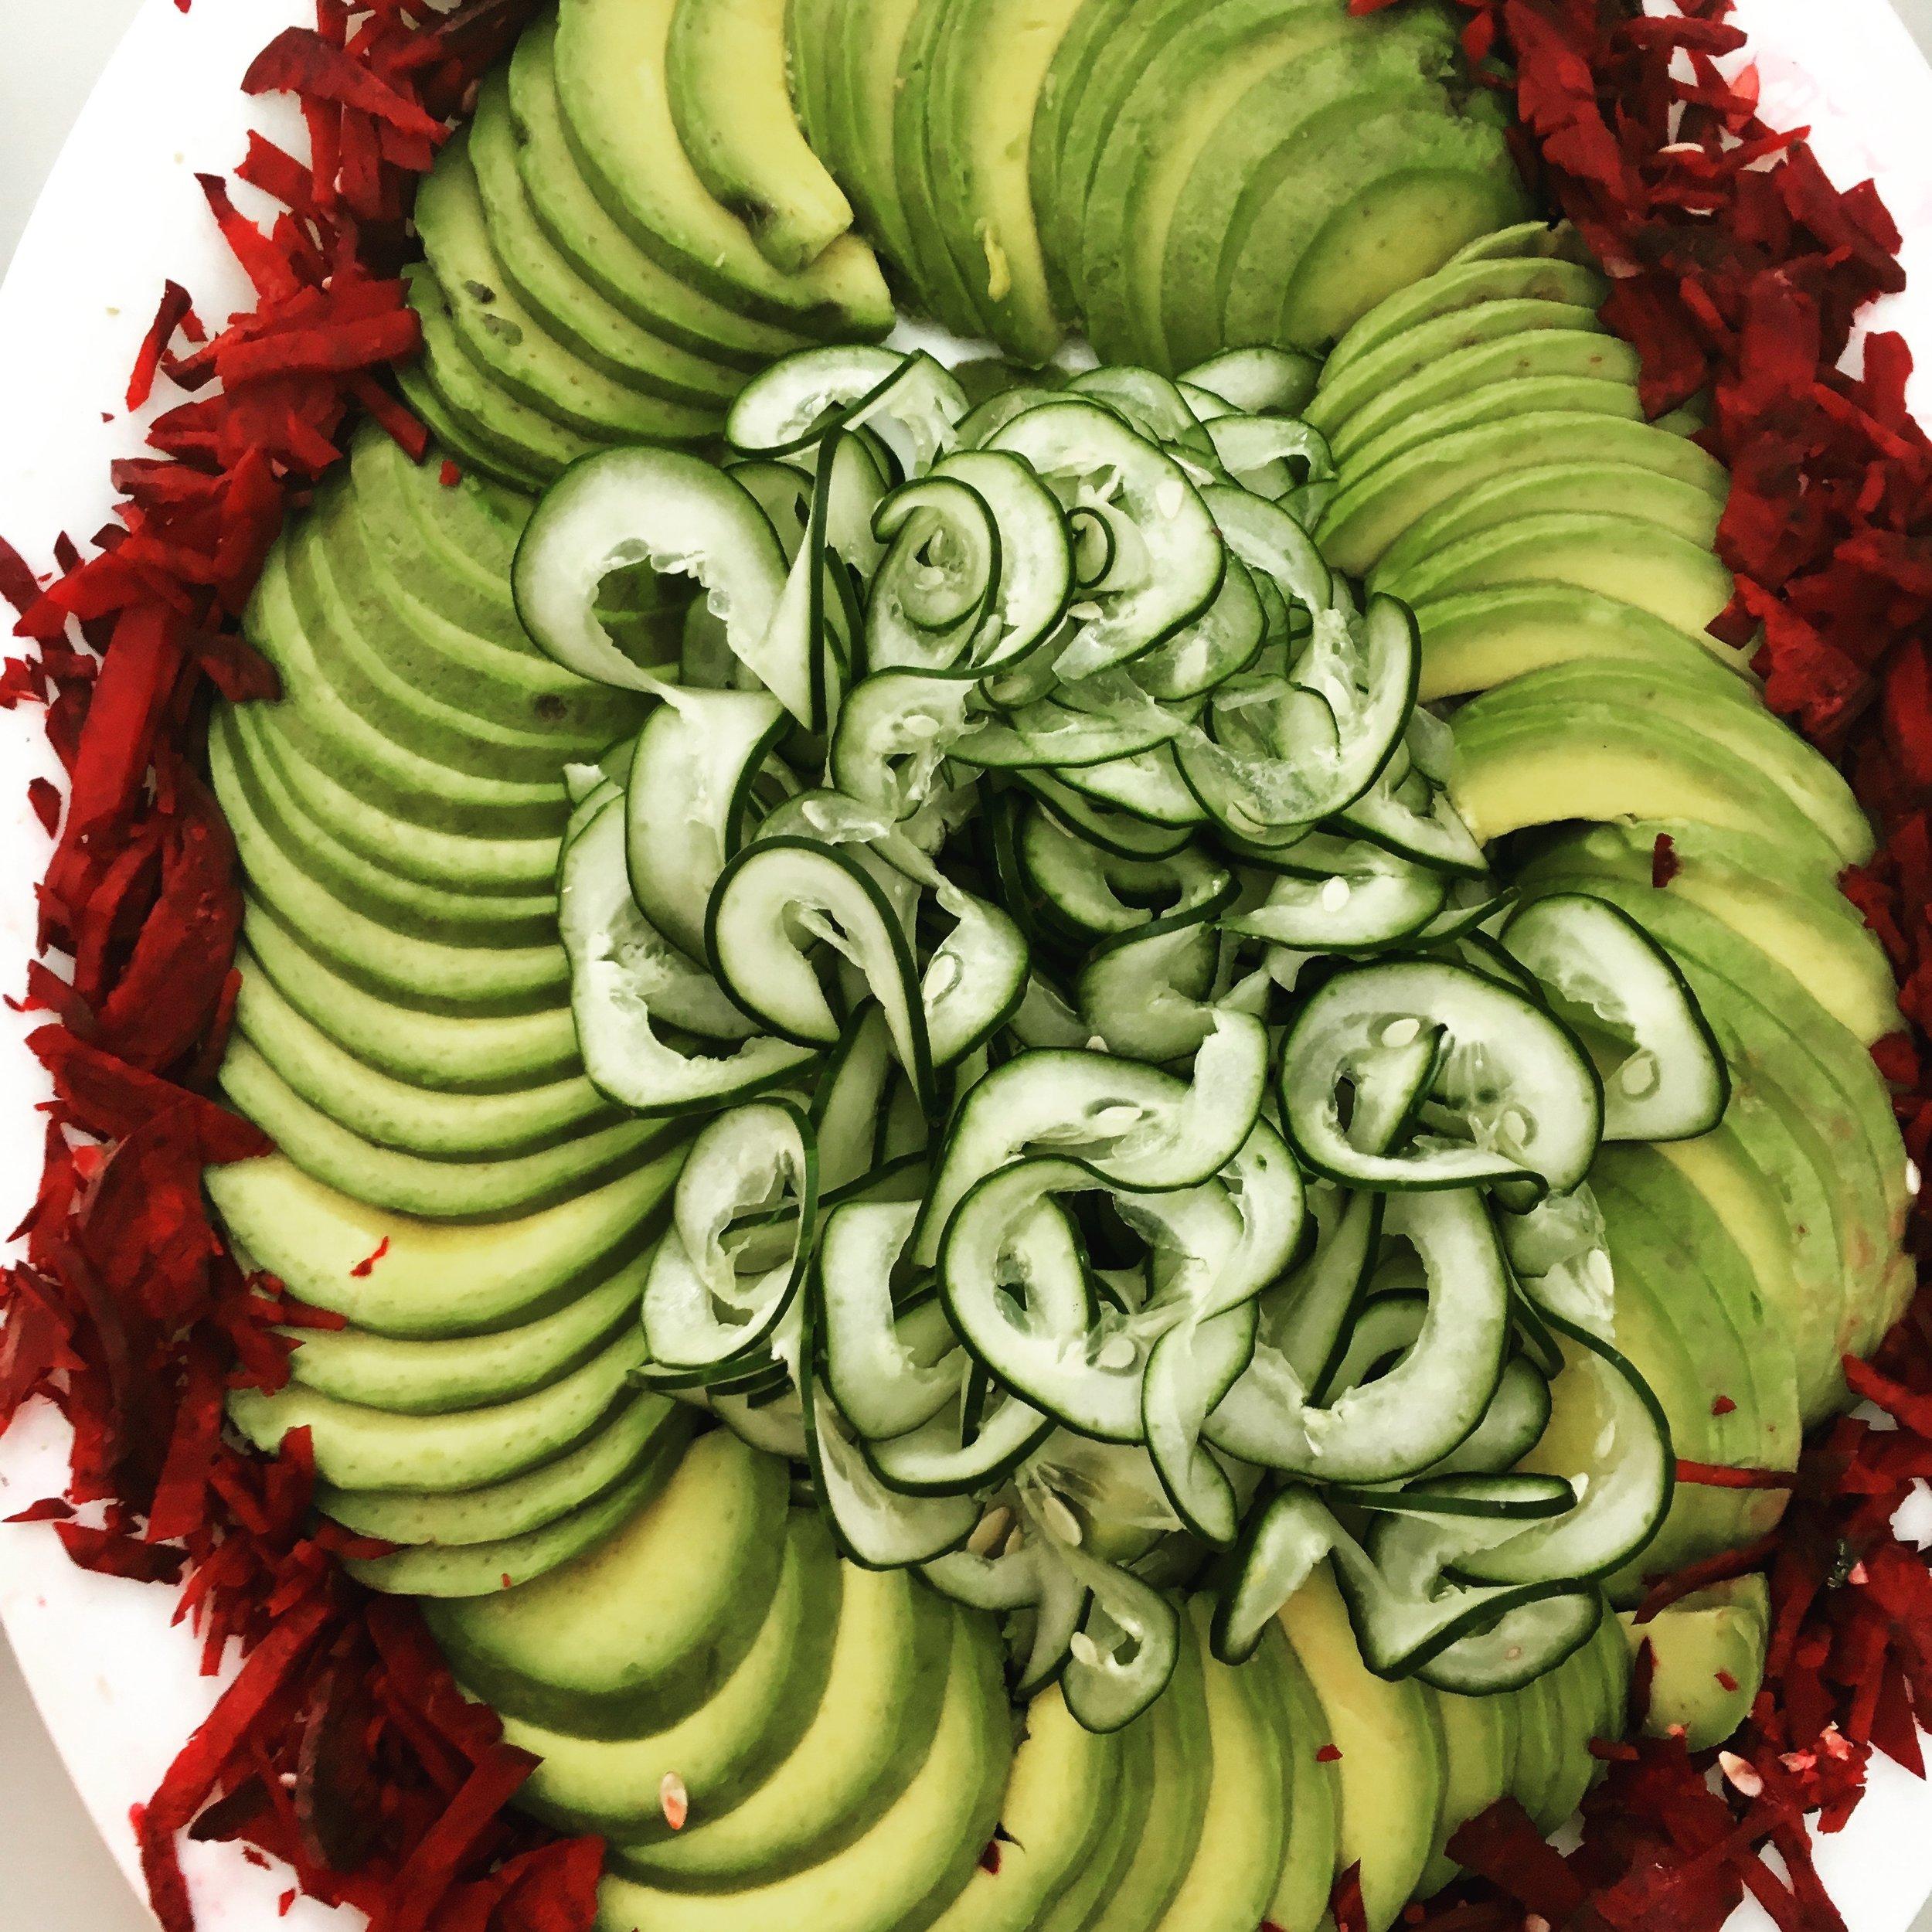 Raw beetroot, avocado and cucumber platter. ©Photo Anita McKenzie